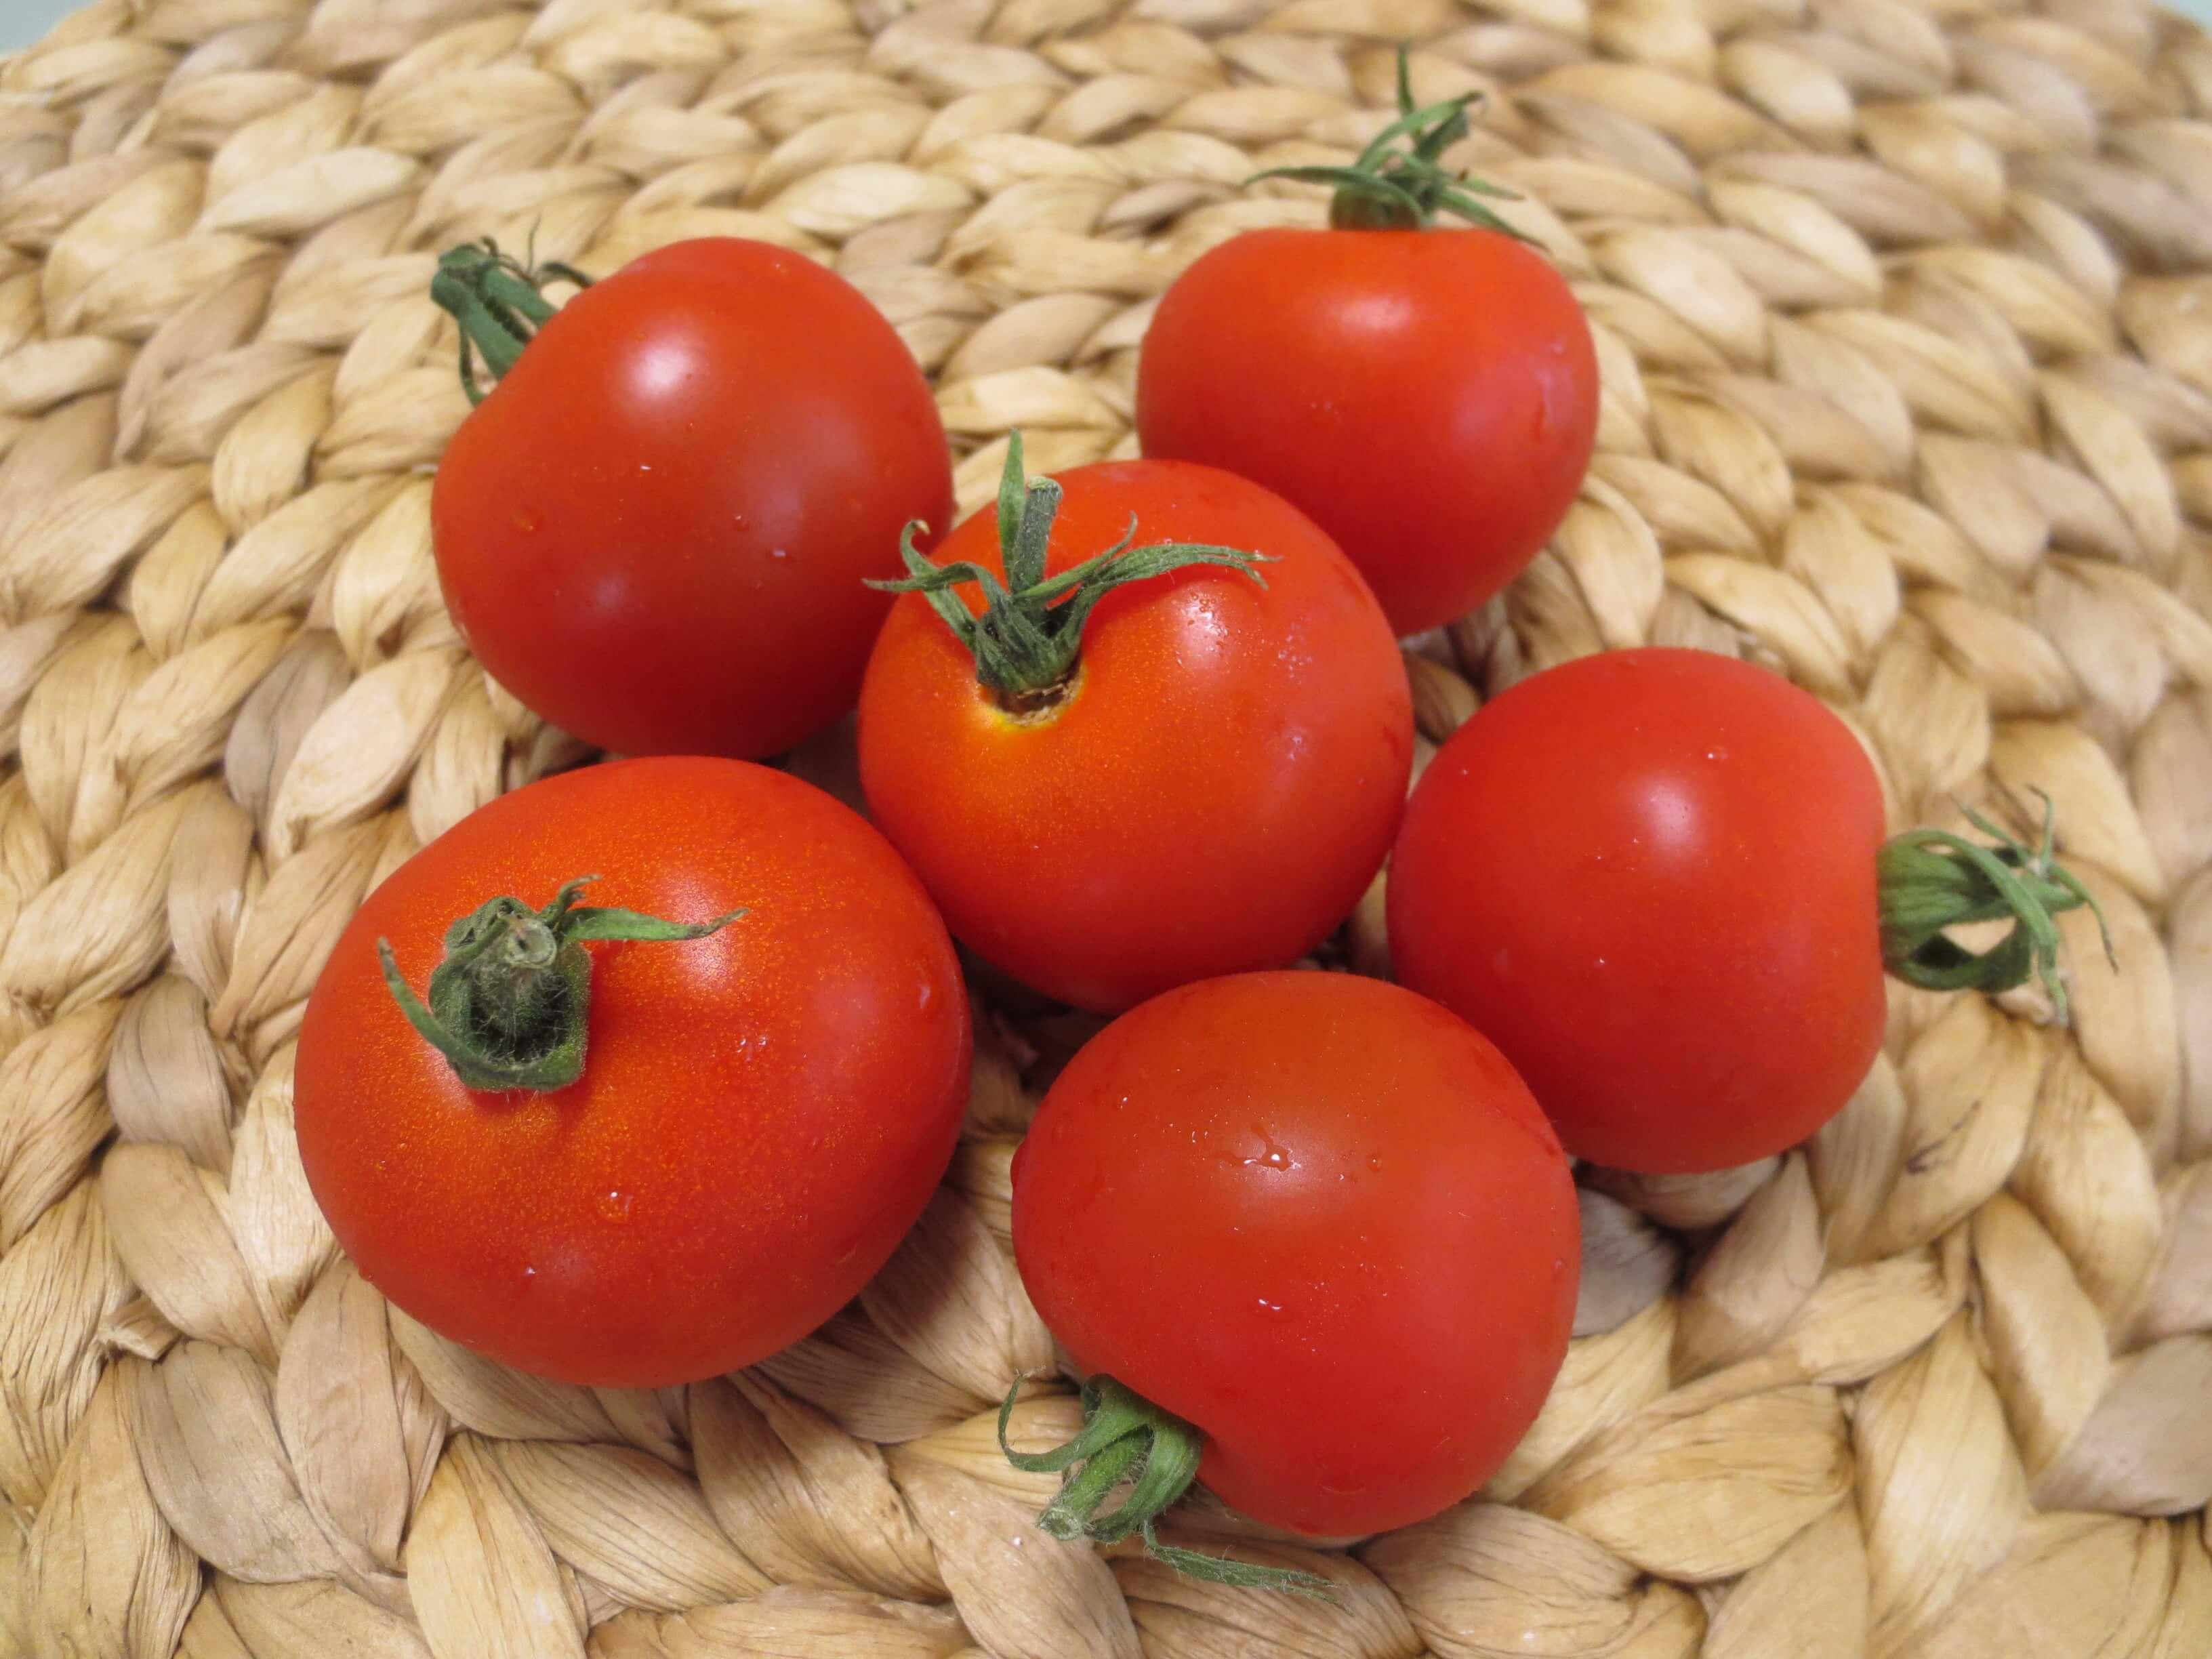 有機野菜、無農薬野菜、減農薬野菜違い9